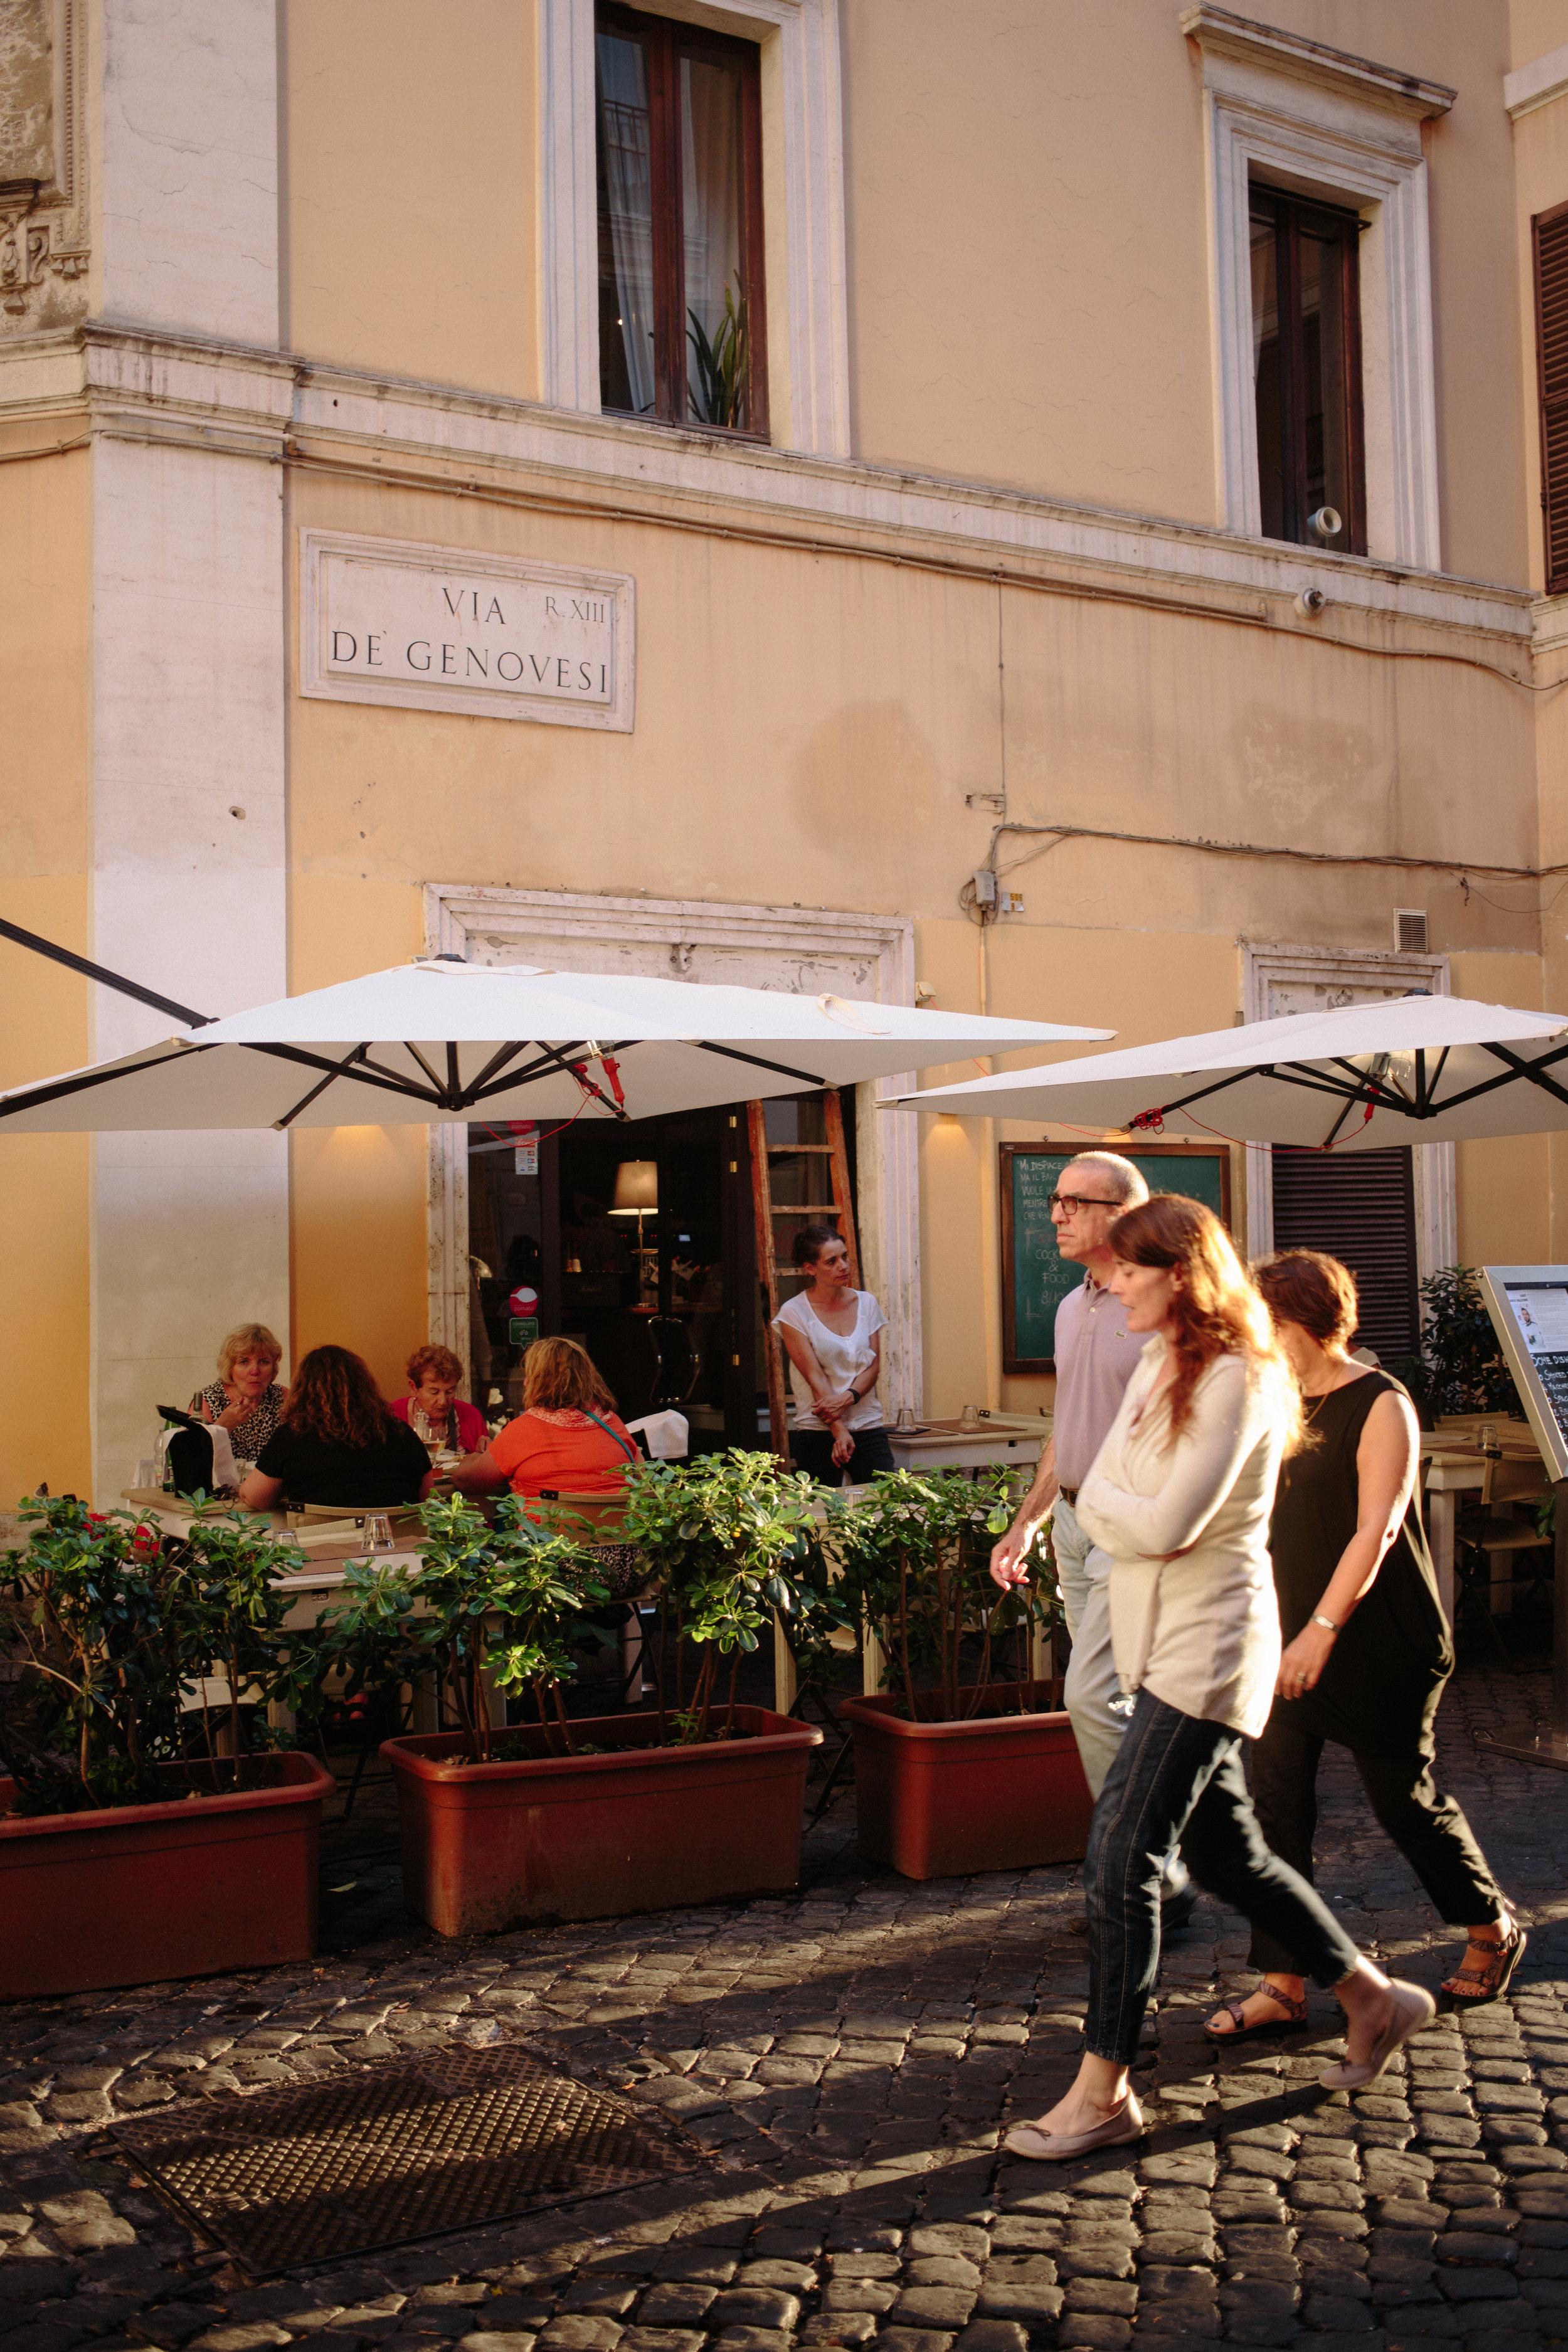 NatashaLee-Italy-7288.jpg